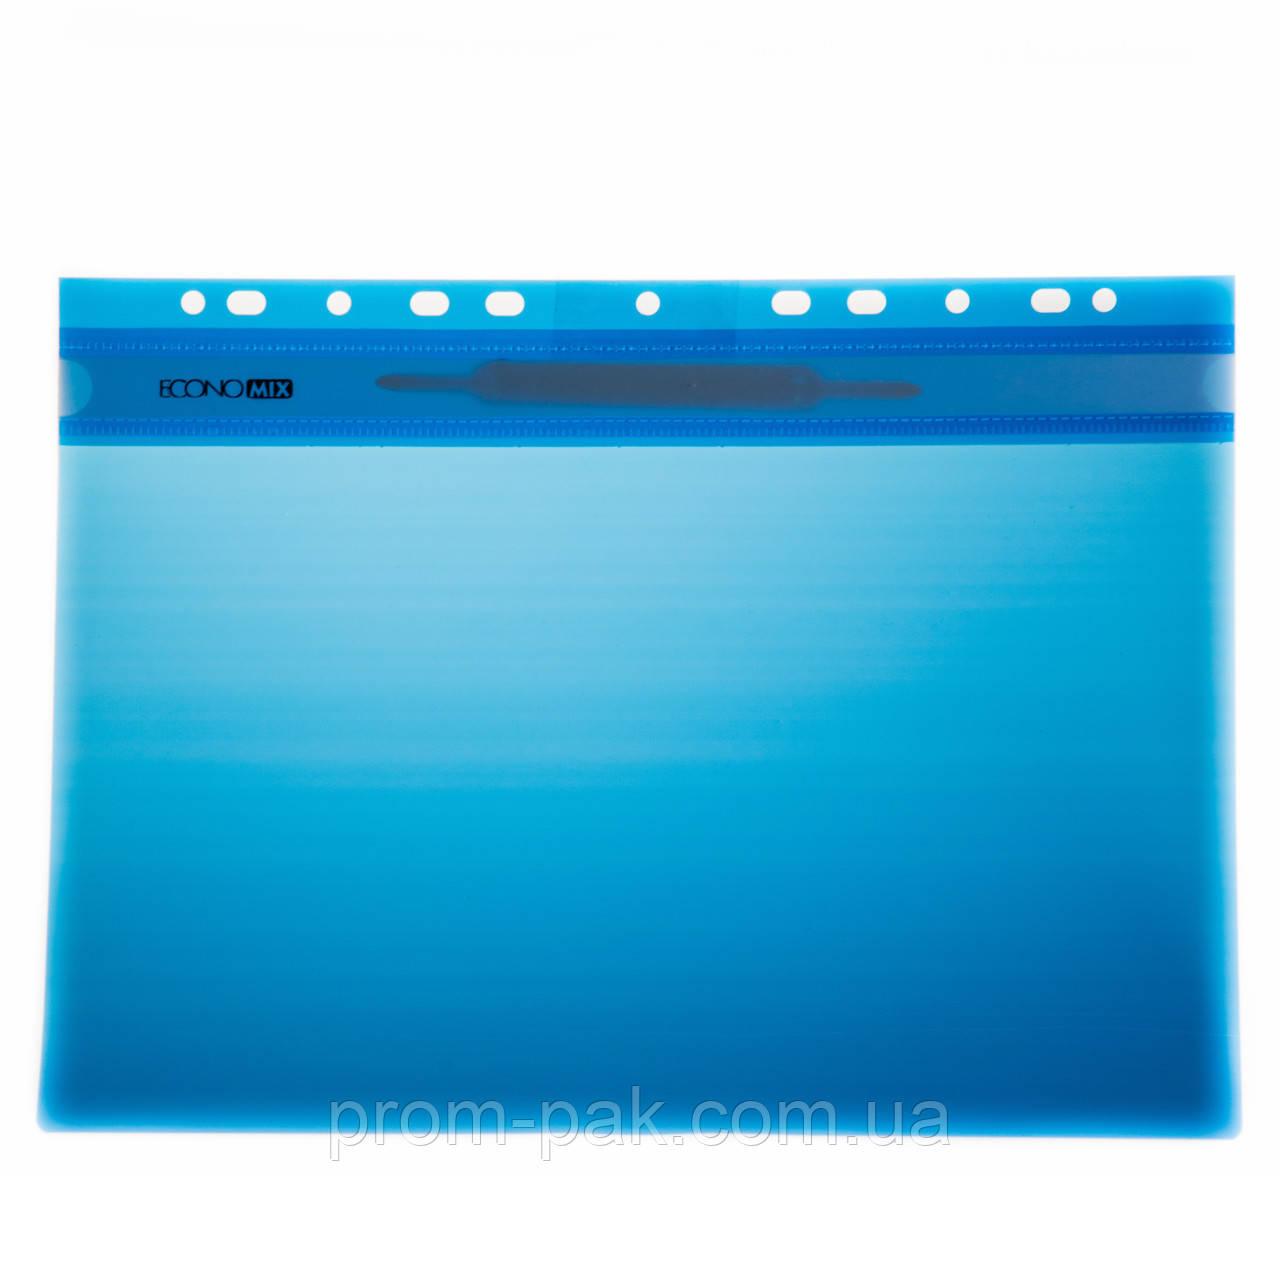 Скоросшиватель пластиковый с перфорацией  Buromax цвет: синий